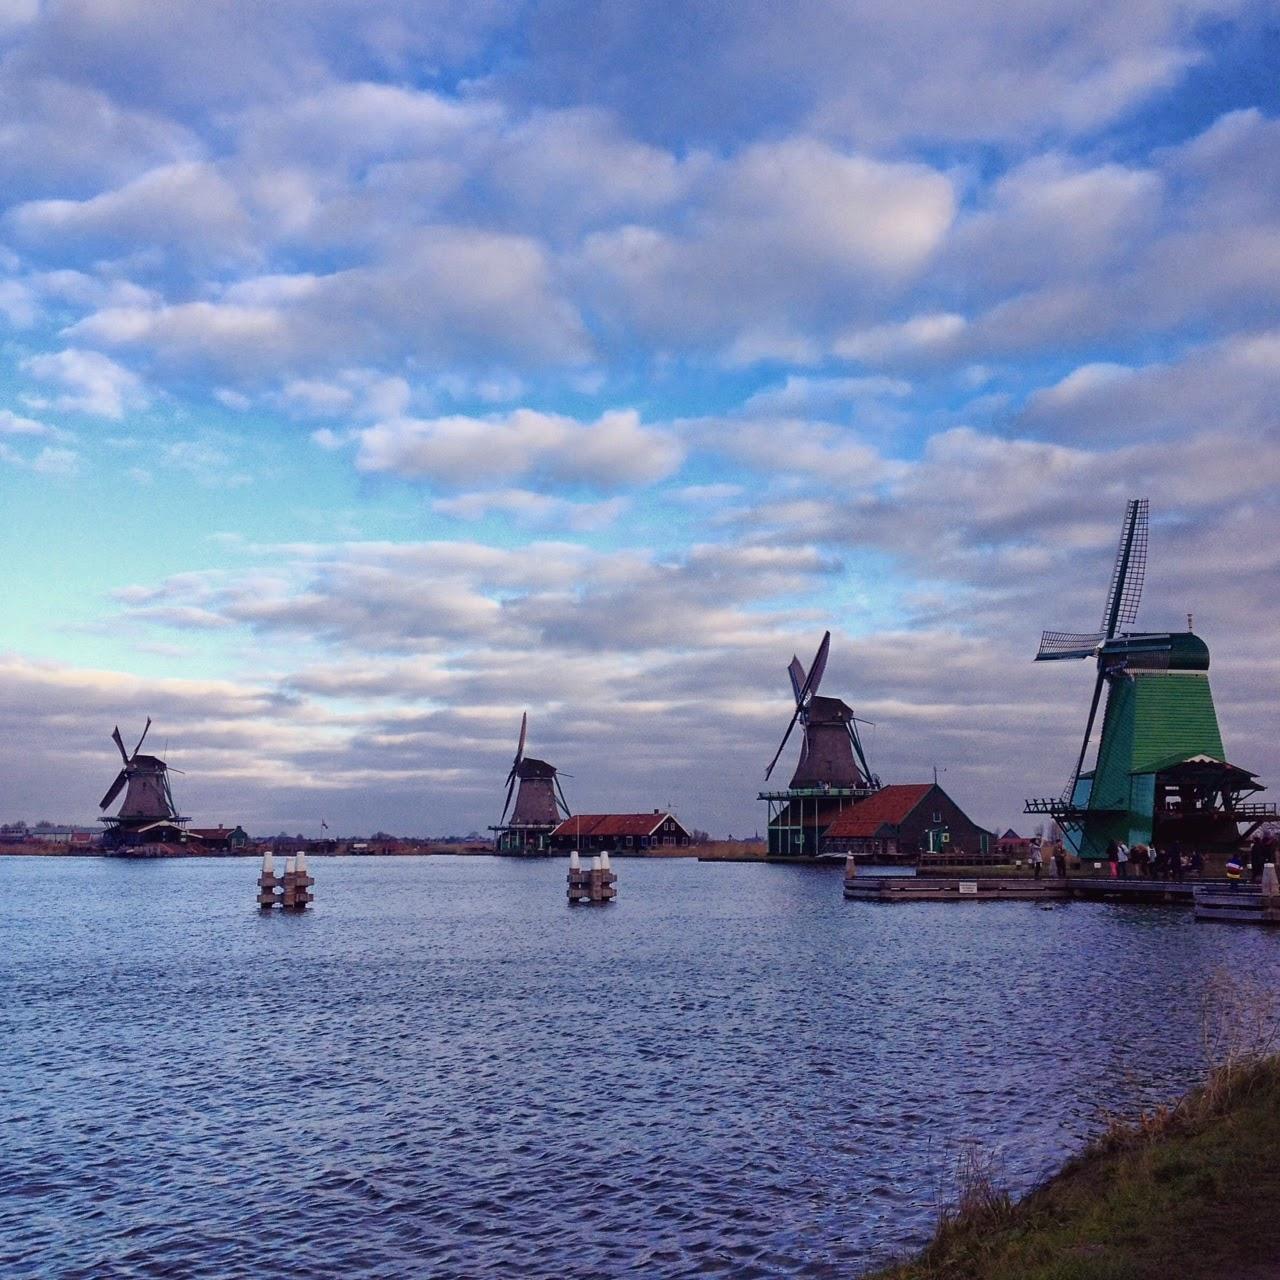 Windmills in Zaanse Schans, Amsterdam, Netherlands